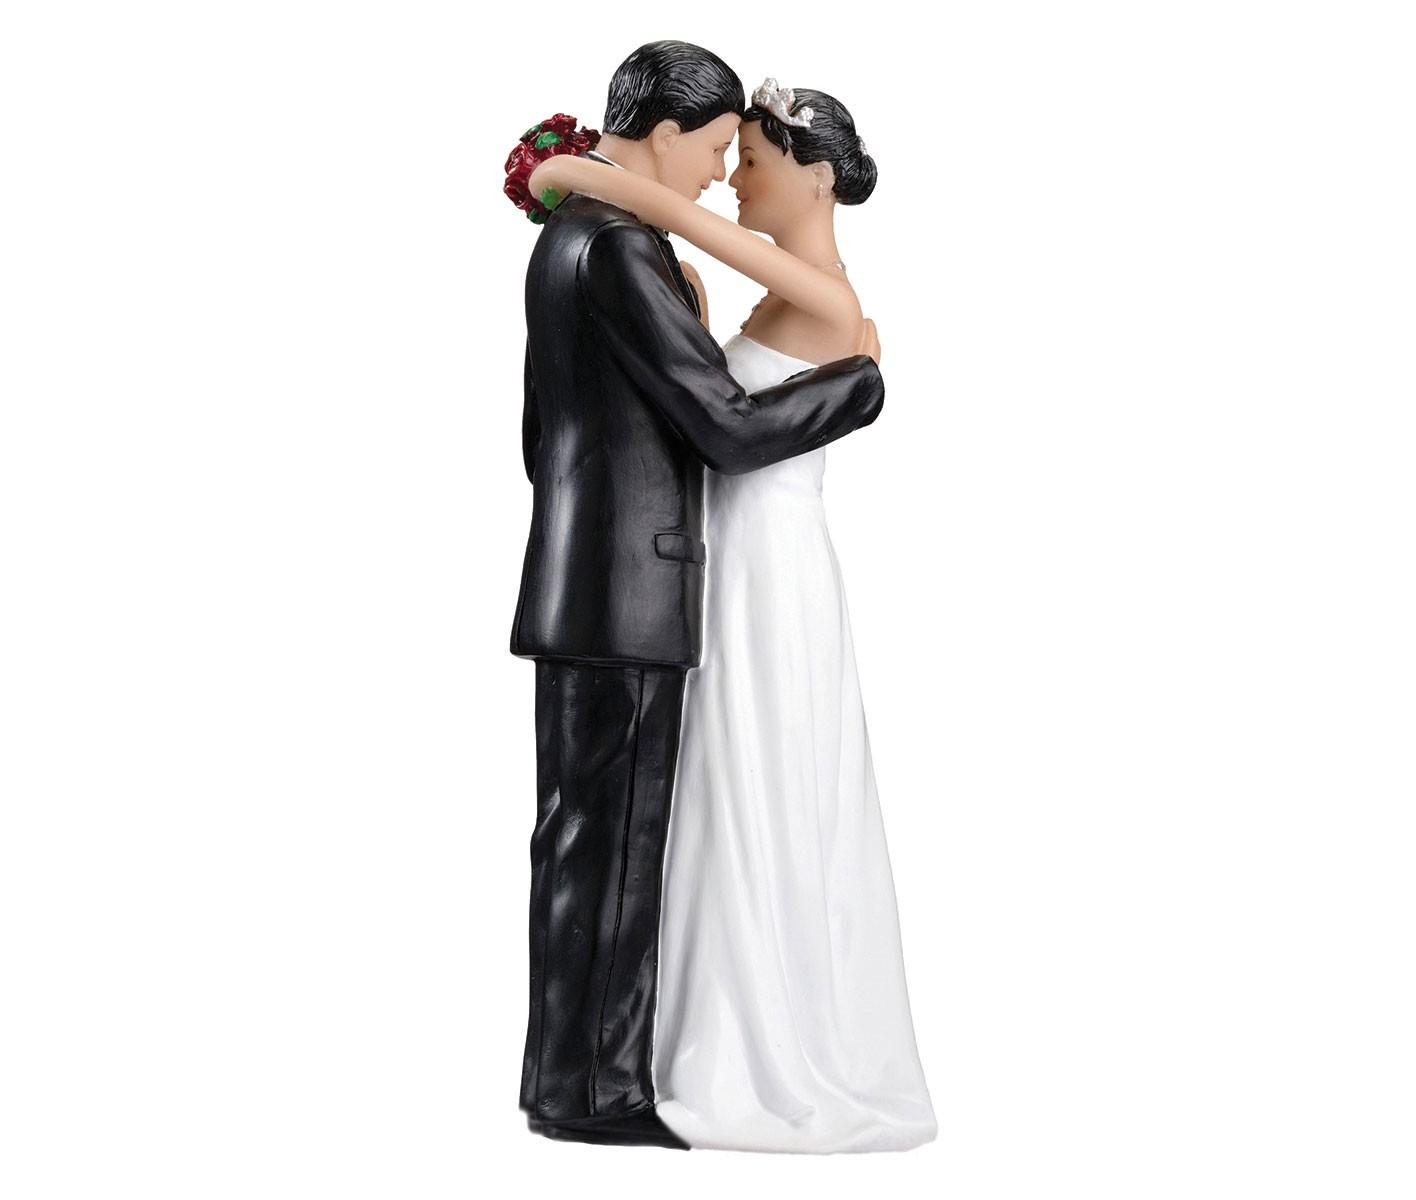 Lillian Rose Tender Moment Figurine – Hispanic